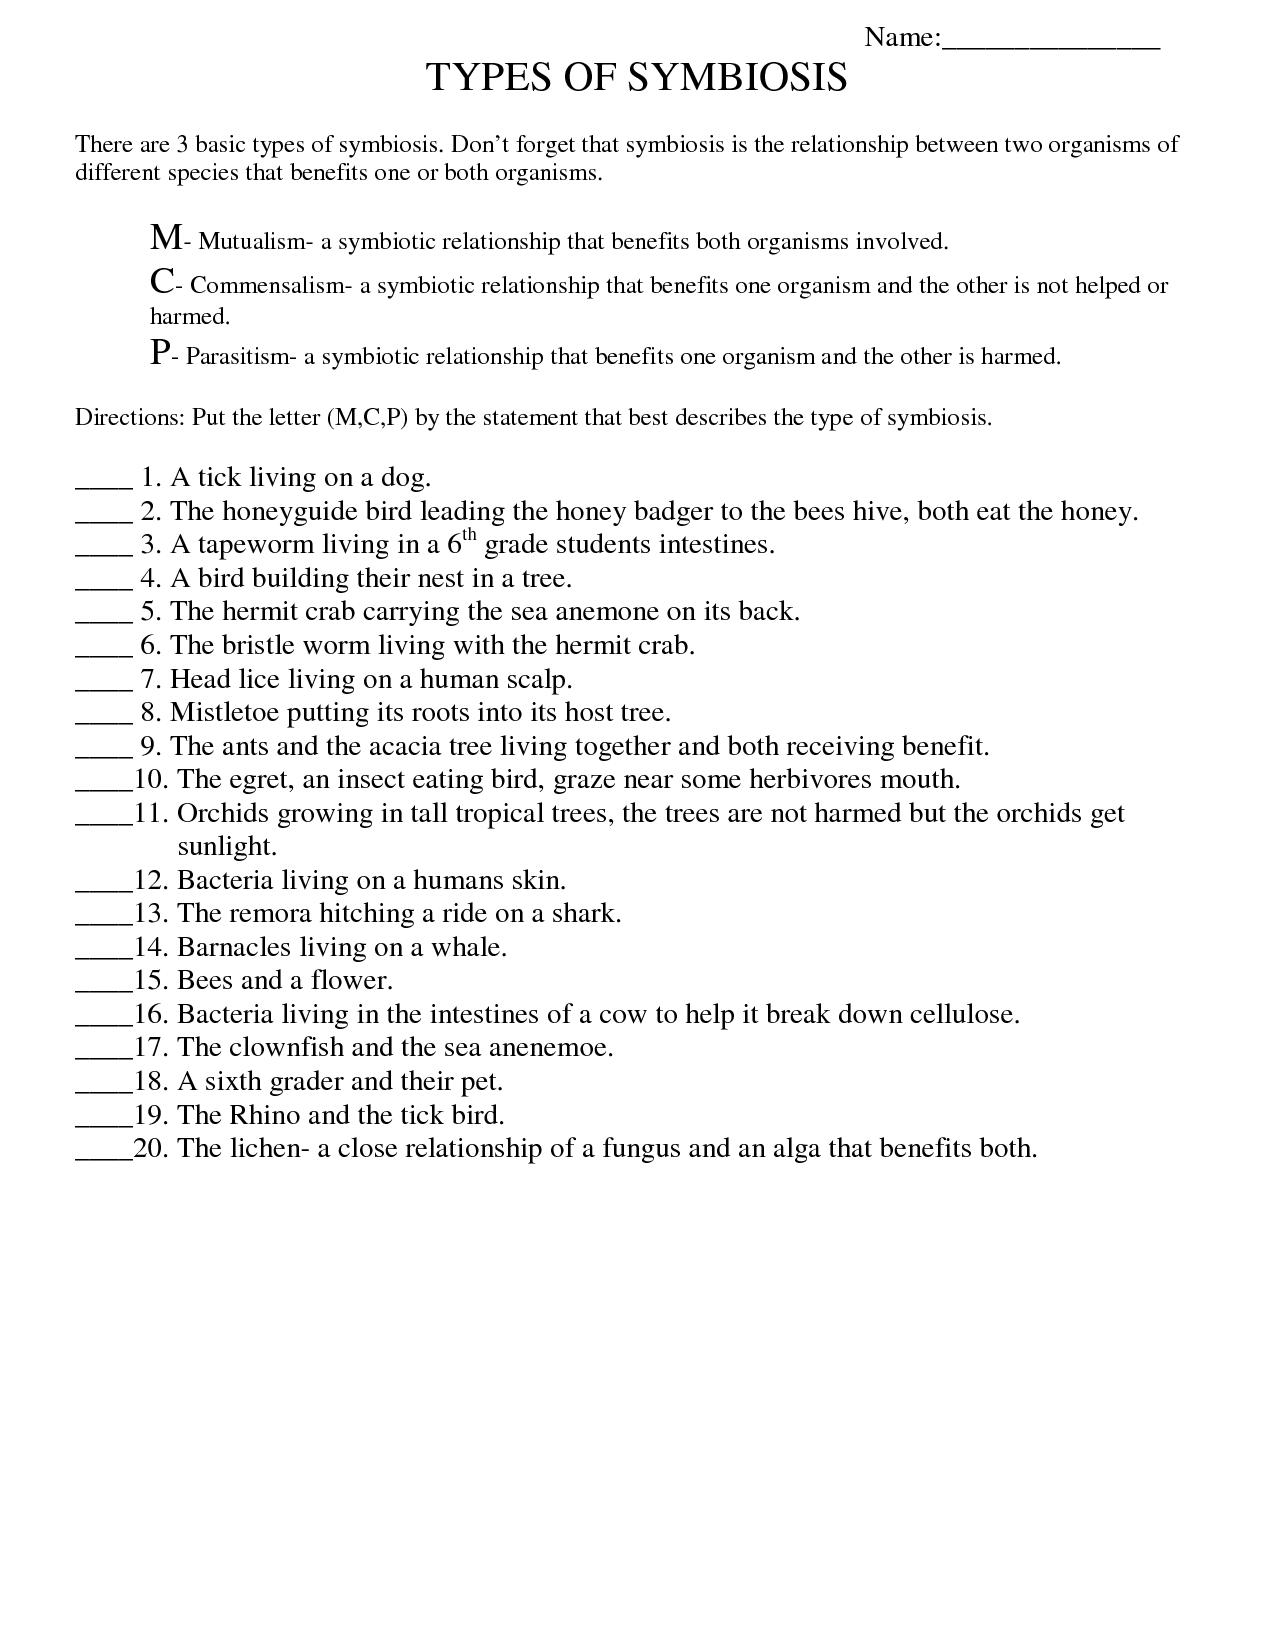 Symbiosis Worksheet Free Printable Worksheets On High School Bio Fungi Healthyou